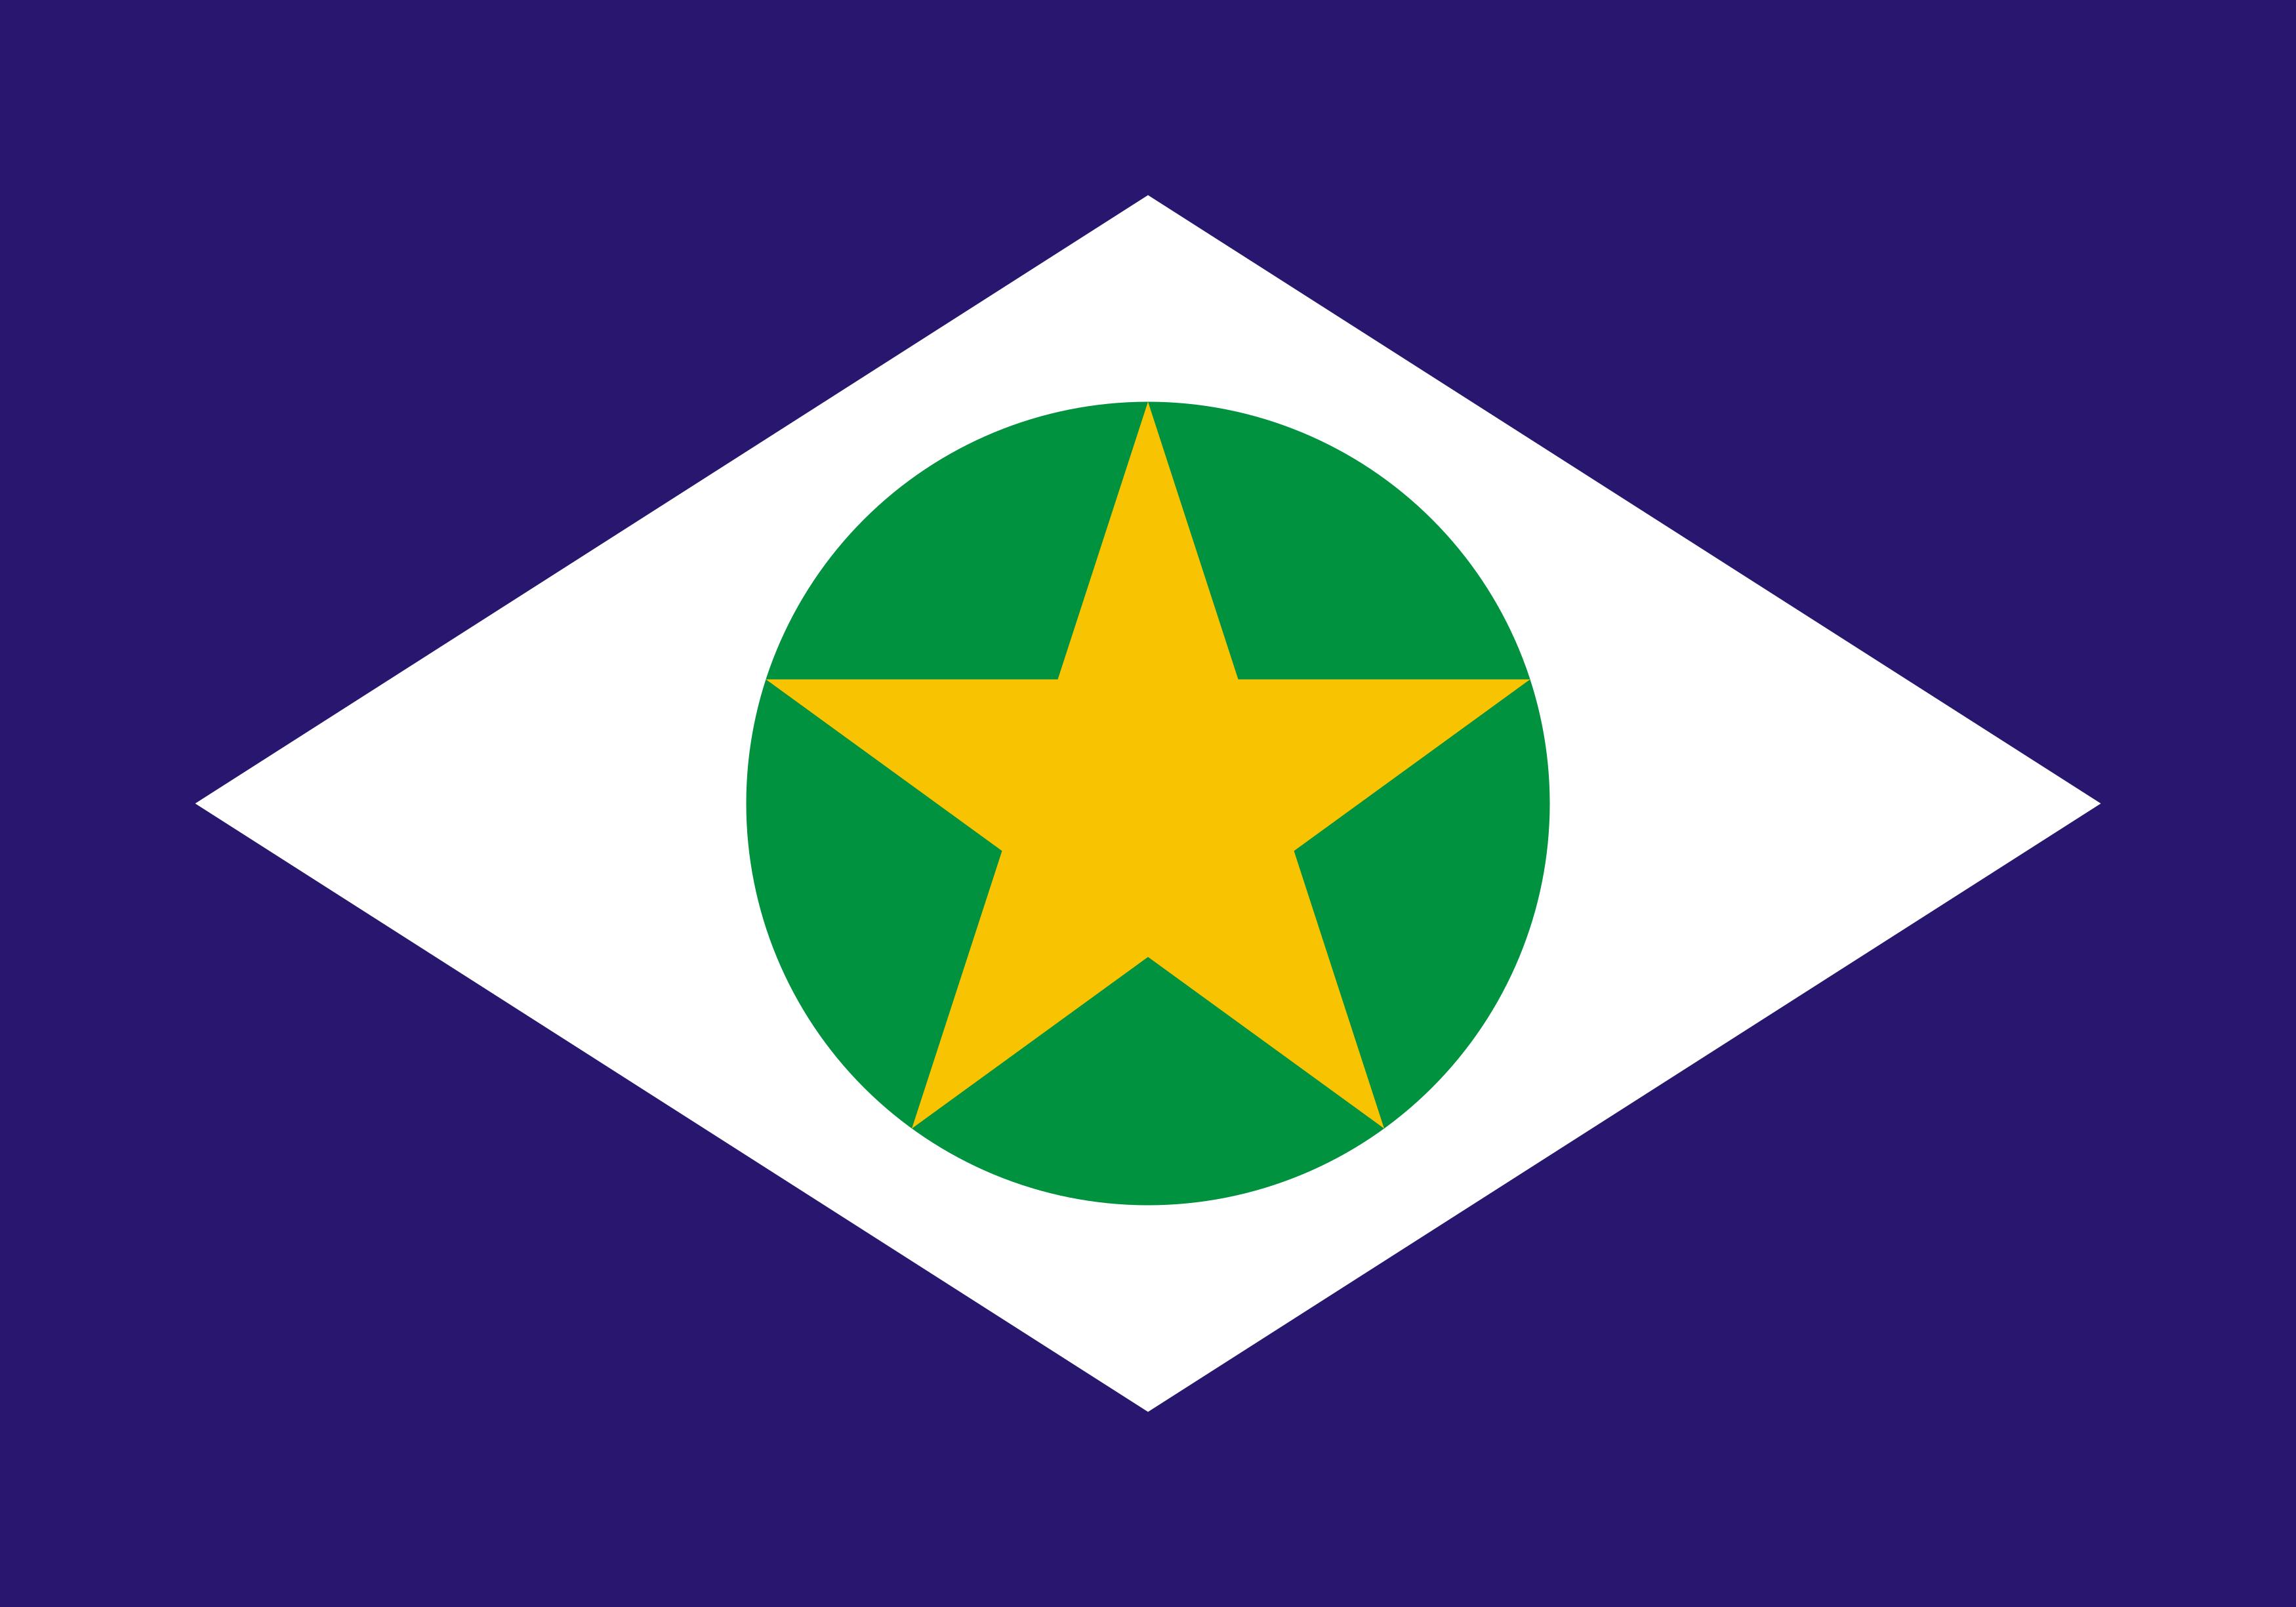 bandeira-do-estado-do-mato-grosso